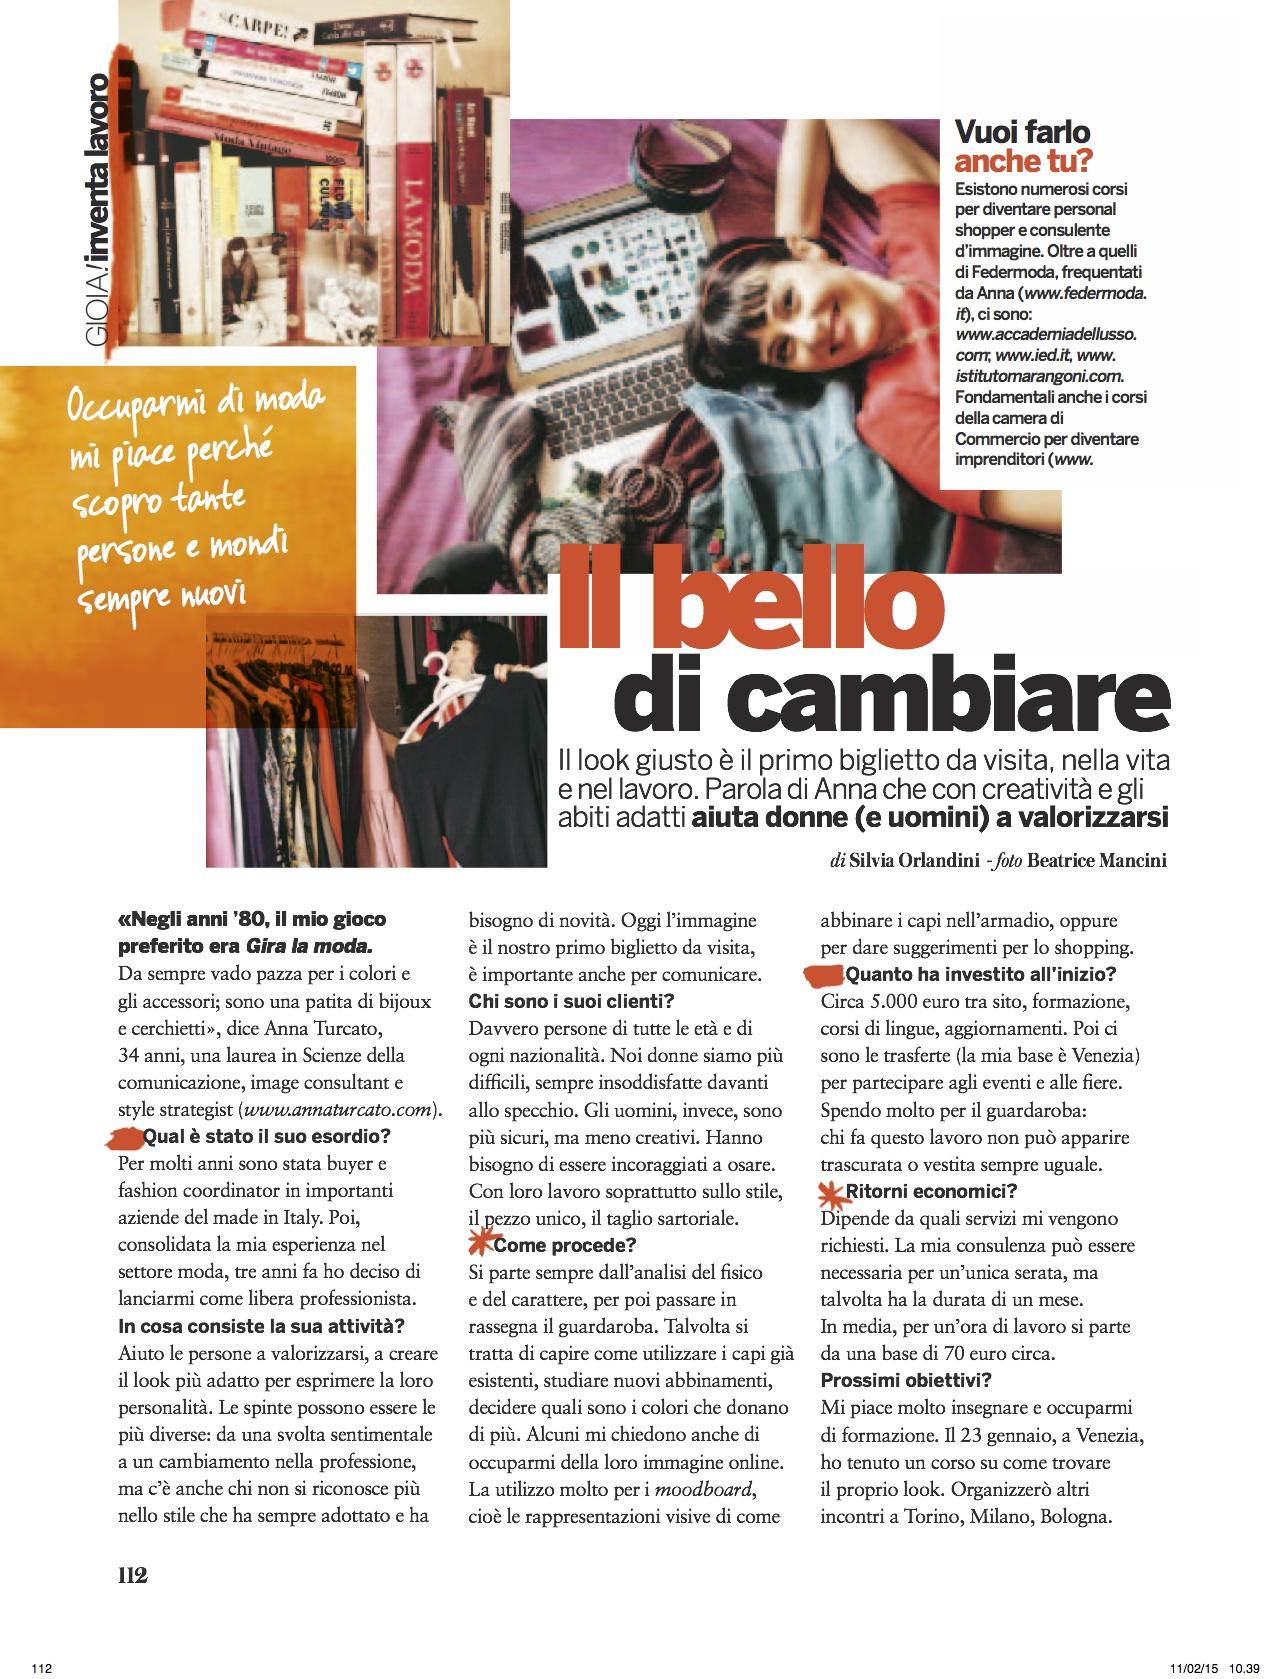 Intervista Anna Turcato Gioia